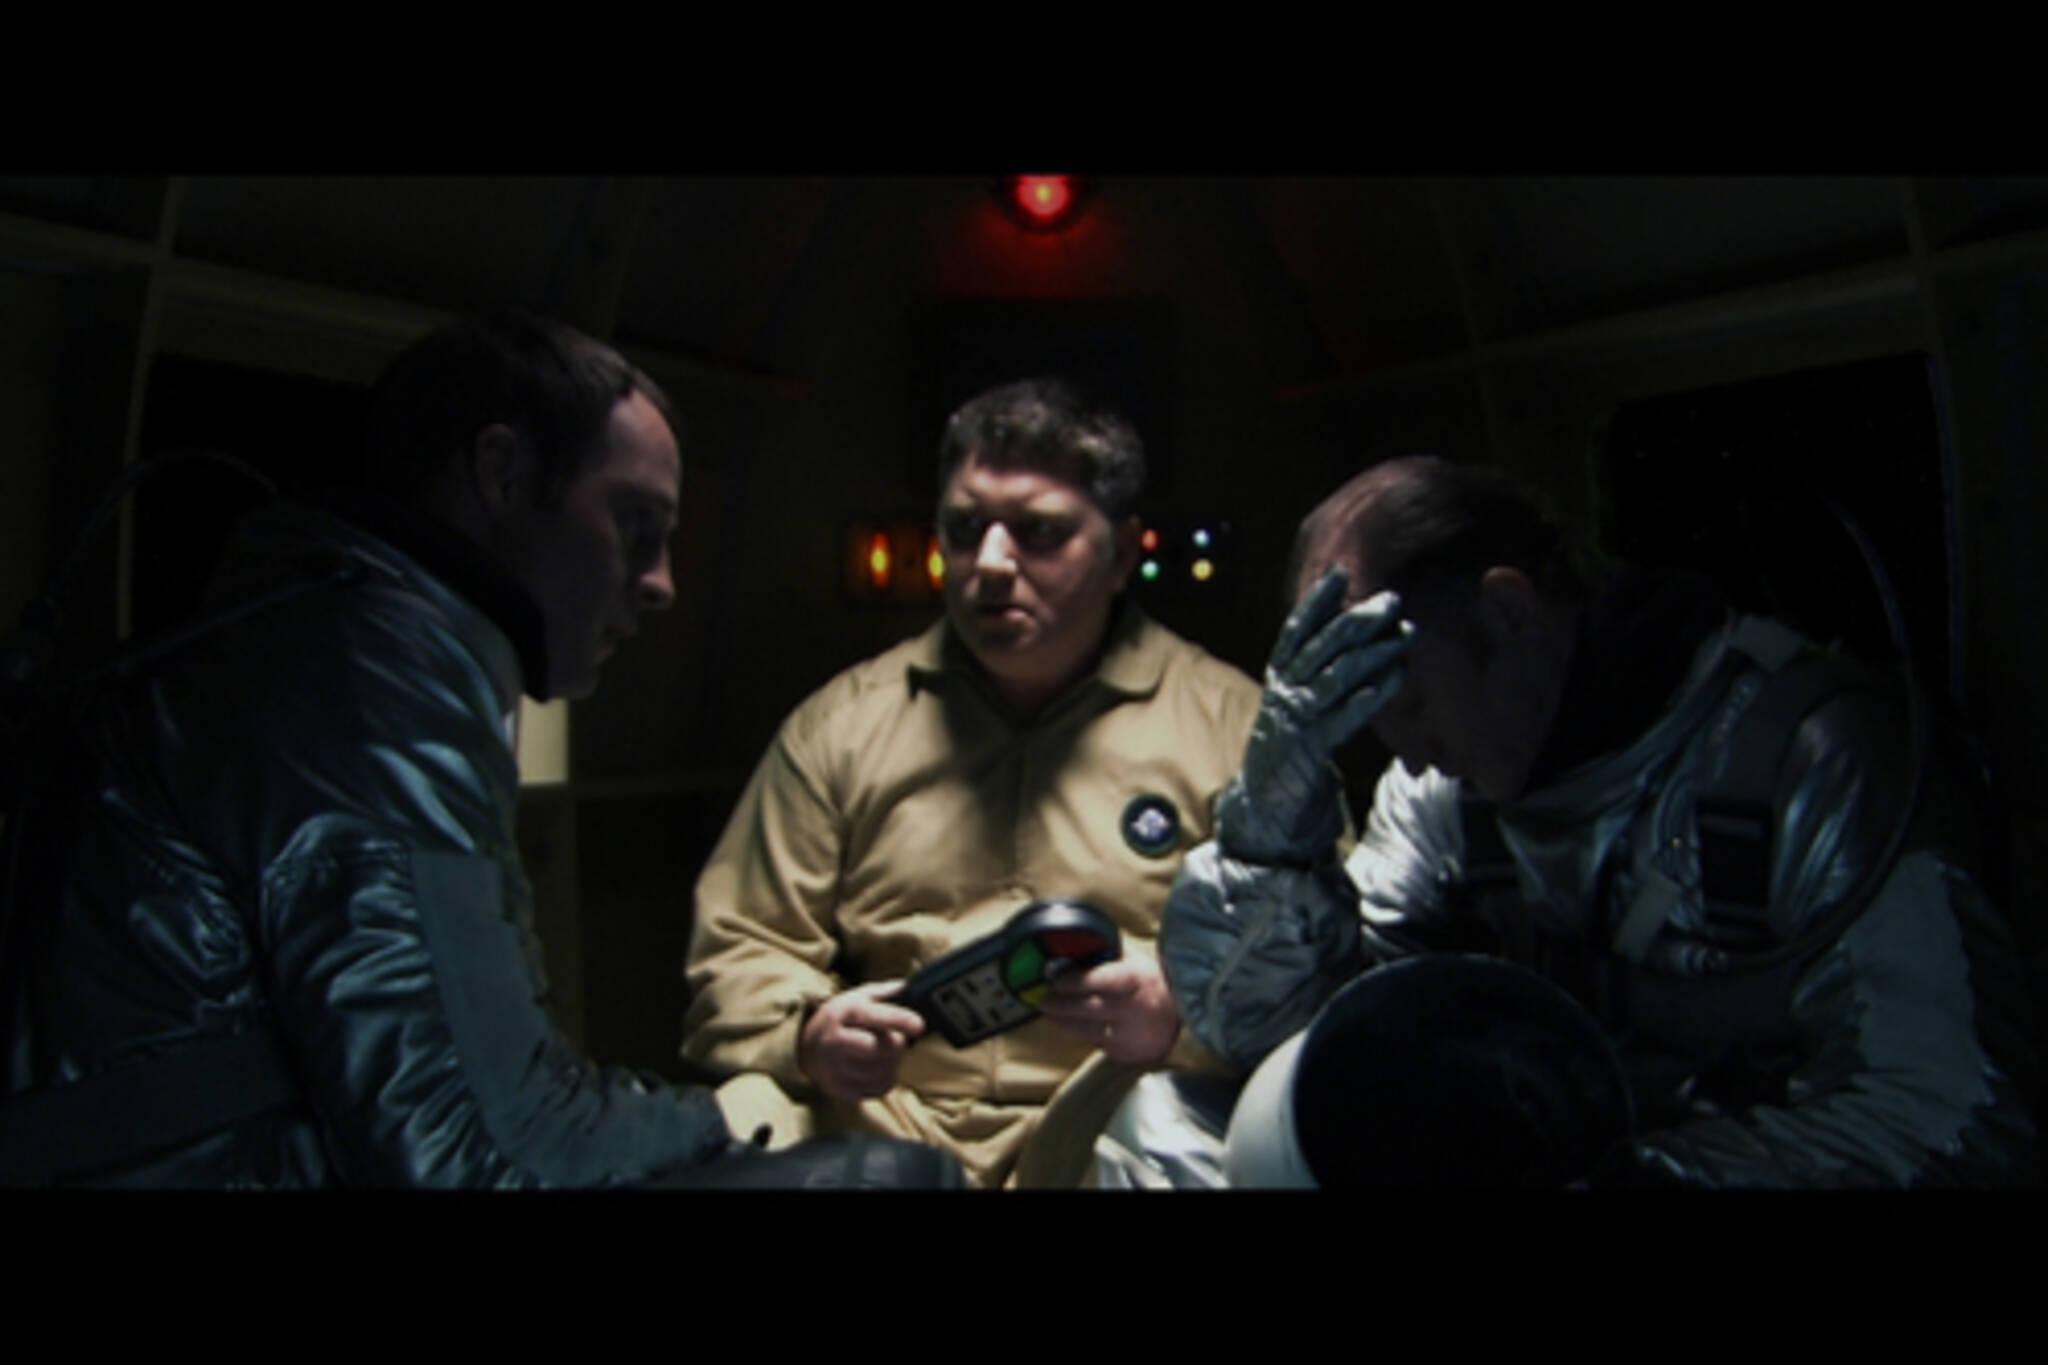 Spacemen Three